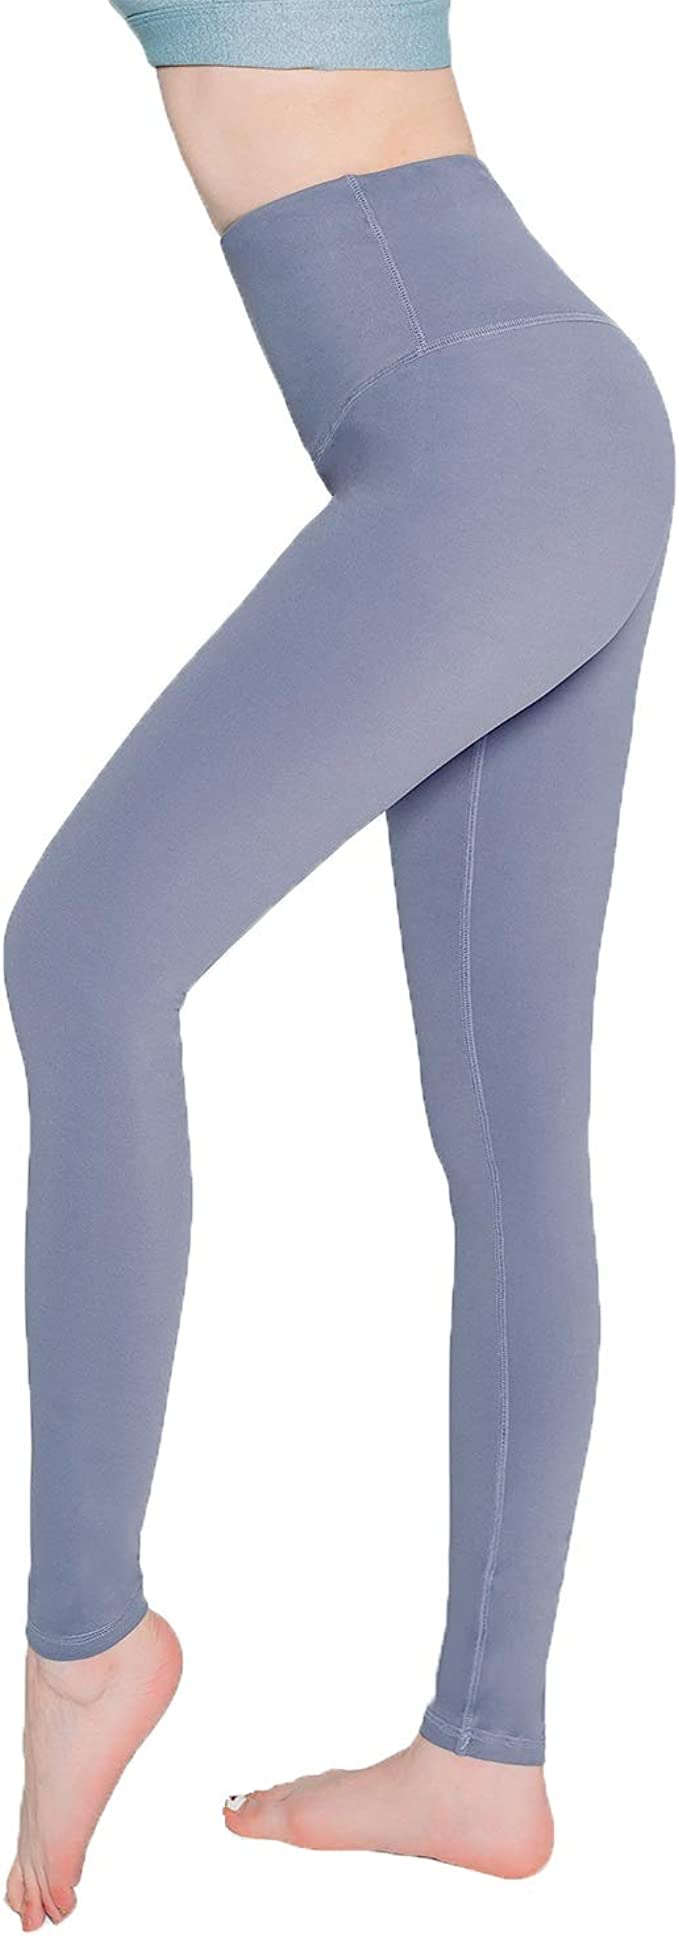 TRIUNION High Waist Workout Pants Running Tights High Waist for Women